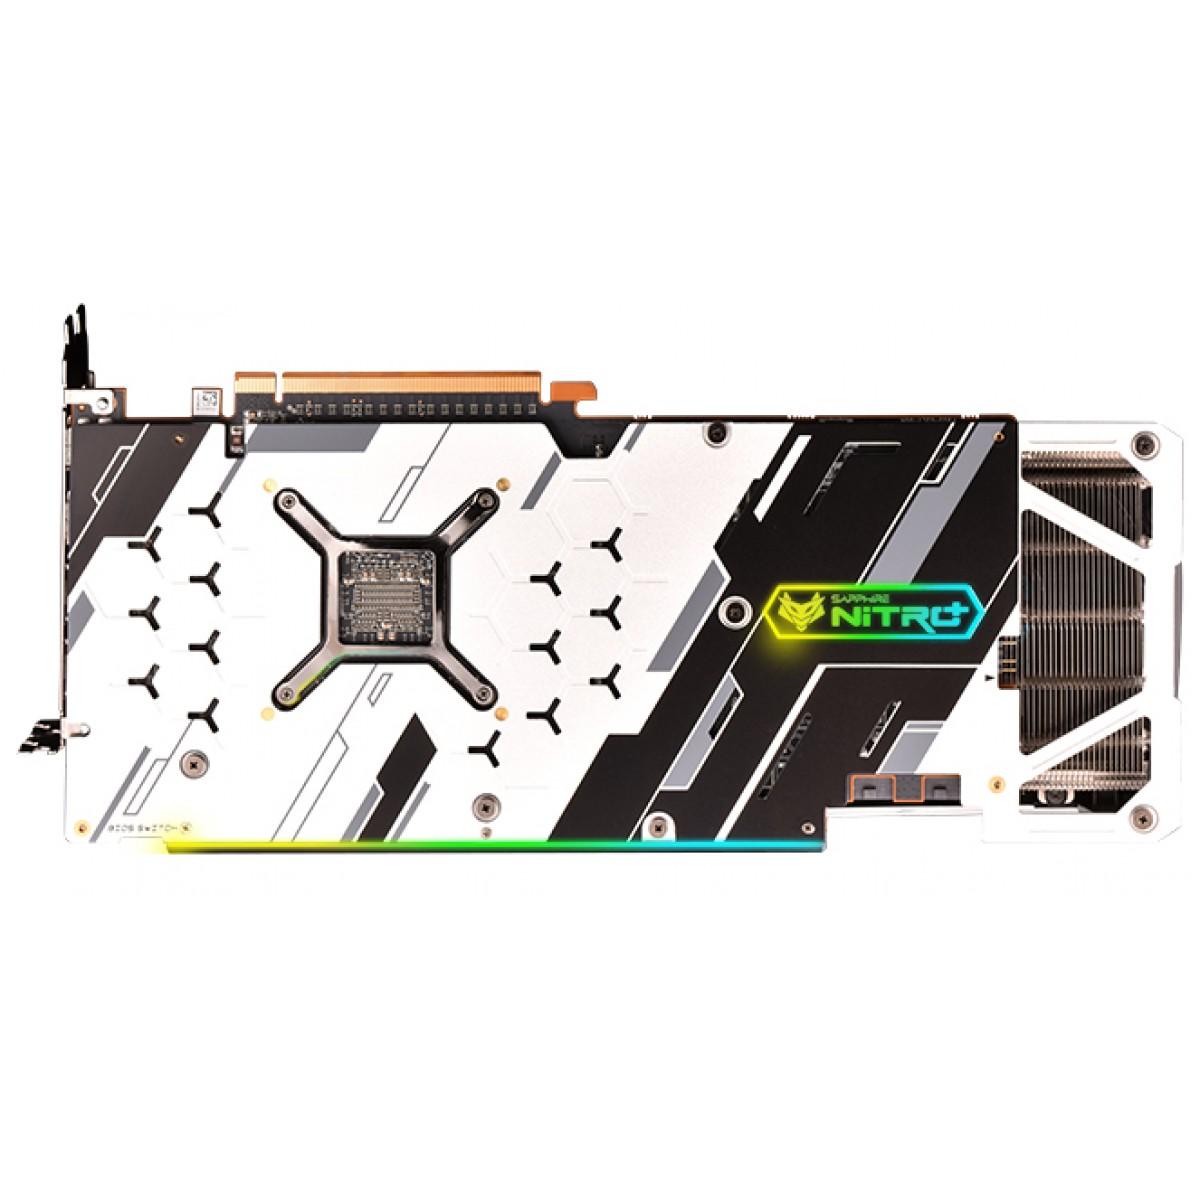 Placa de Vídeo Sapphire Radeon Navi RX 5700 XT Nitro+, 8GB GDDR6, 256Bit